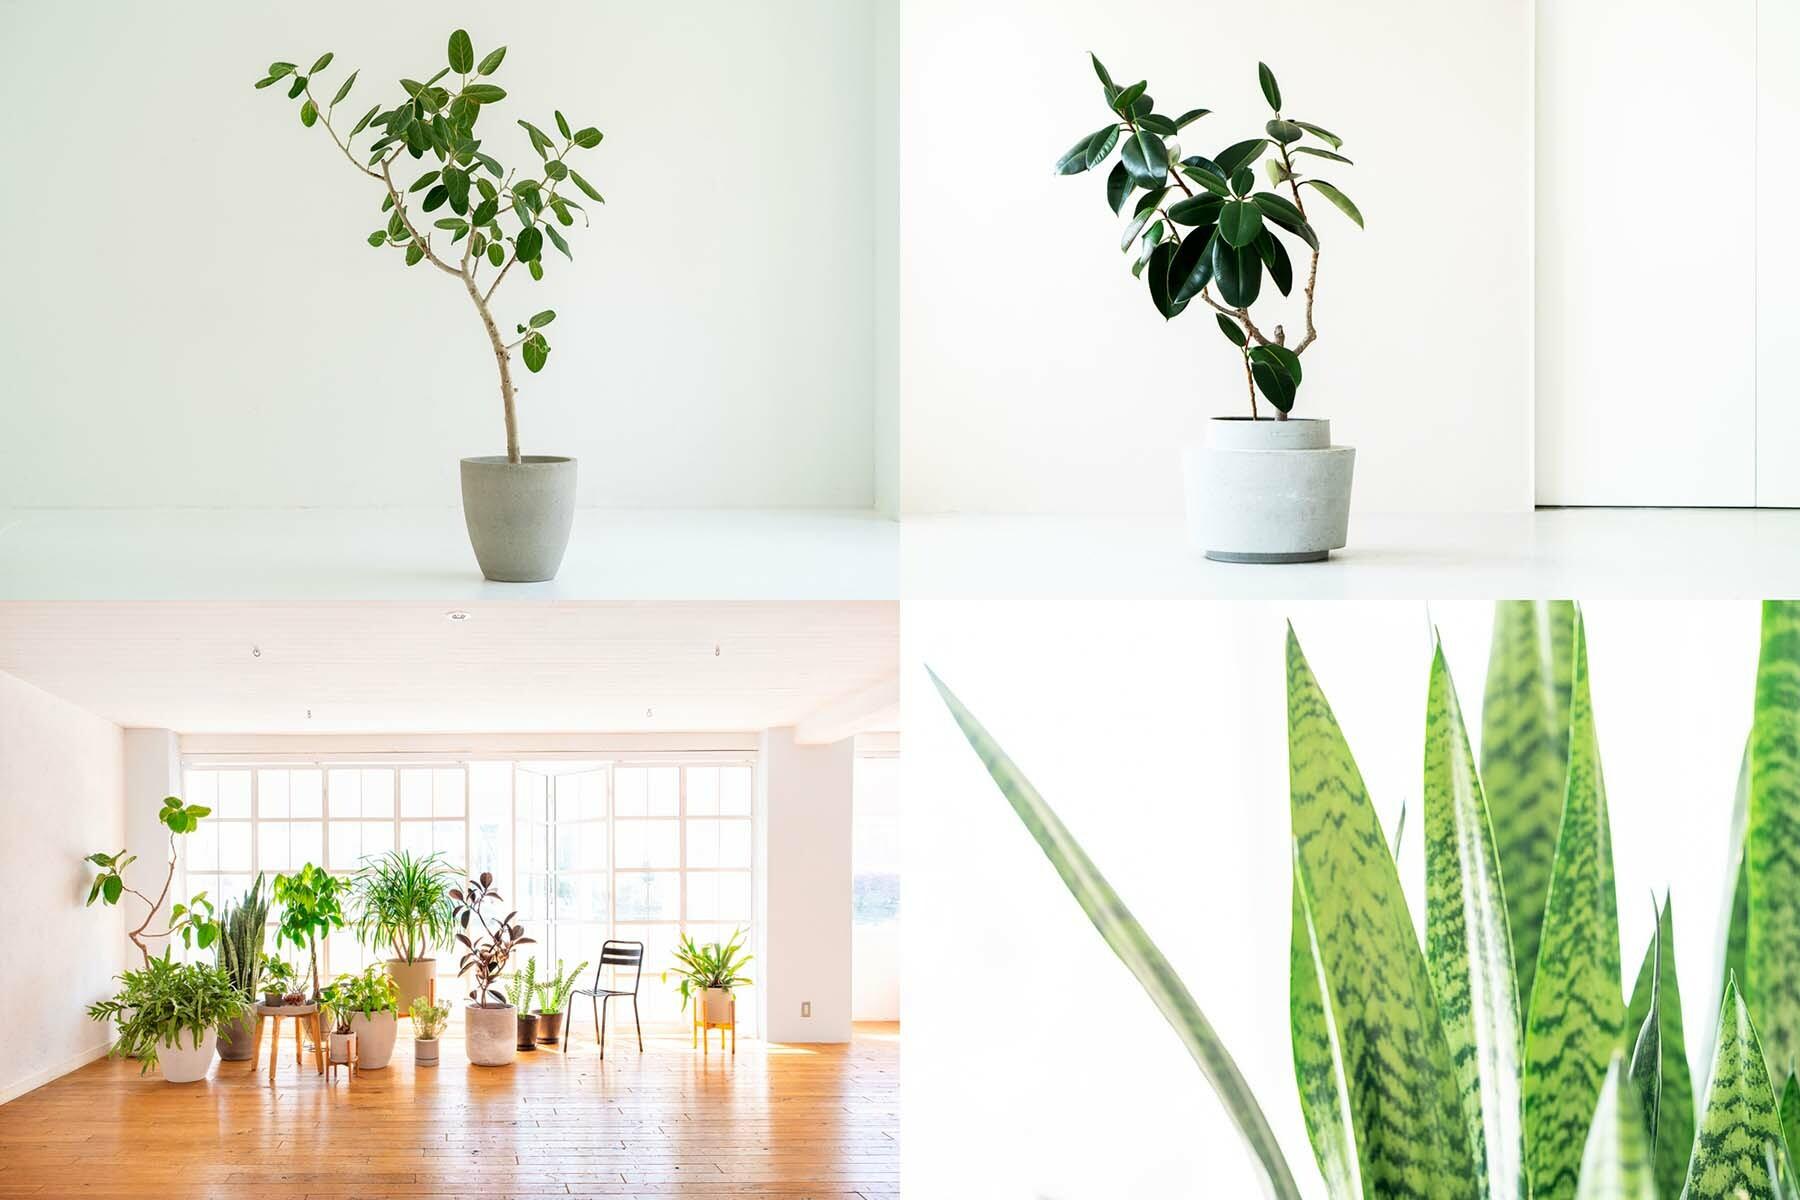 StudioBRICK 4F (スタジオブリック八丁堀4F)川沿いの開放的な屋上